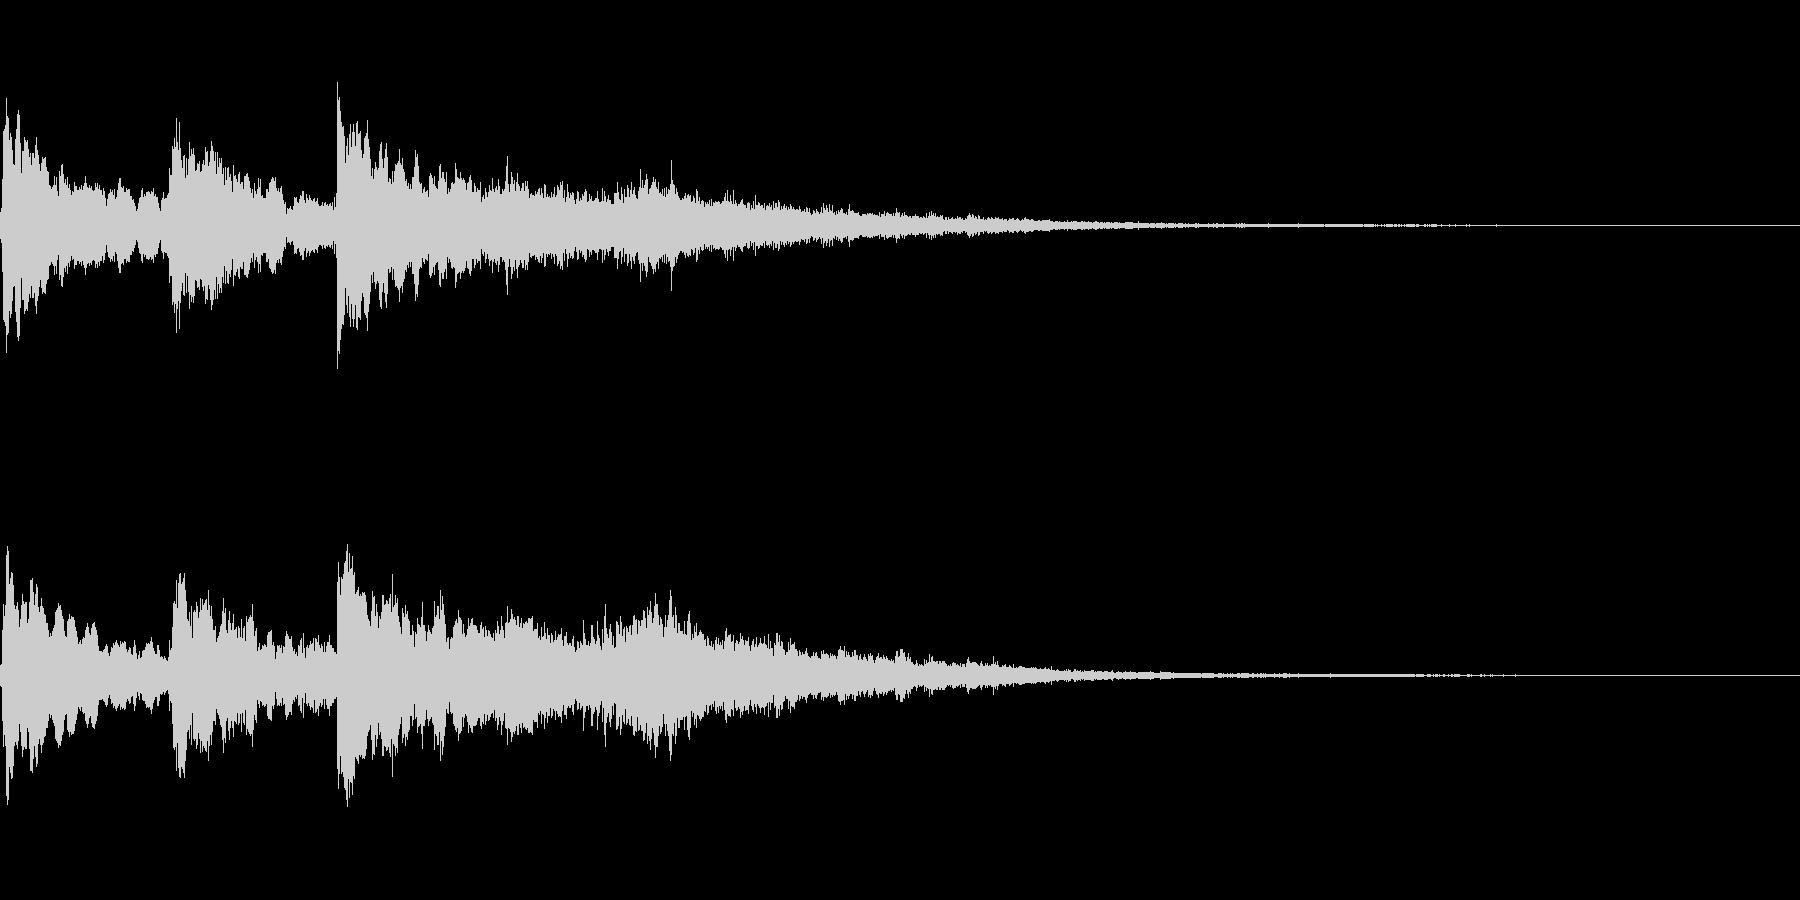 三連続テロップ~0.7秒間隔~の未再生の波形